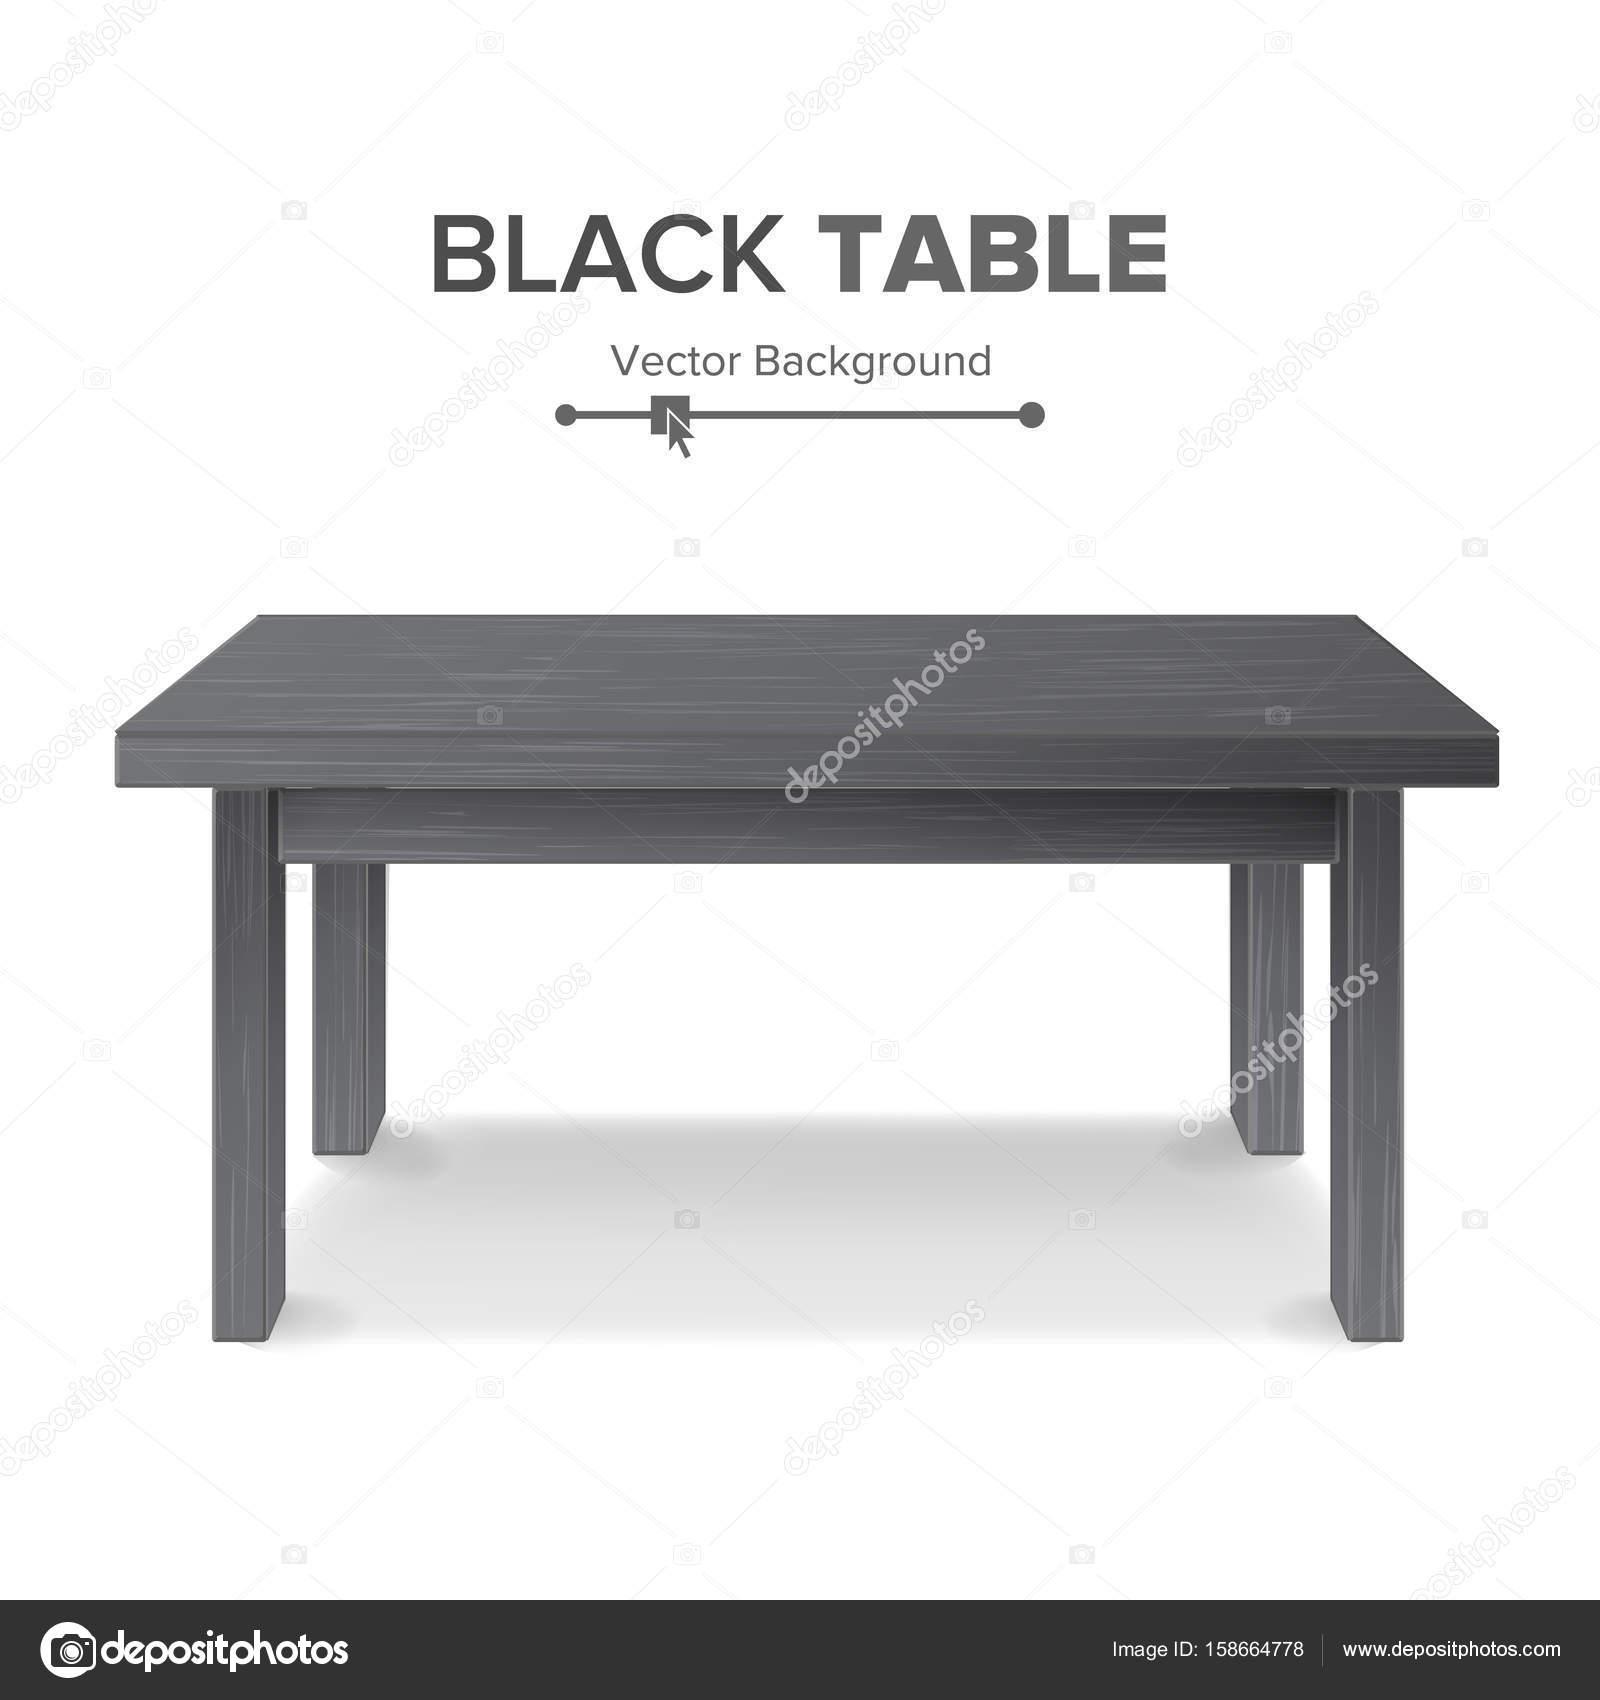 Möbel Leer dunkeln leer square tisch plattform isolierte möbel plattform